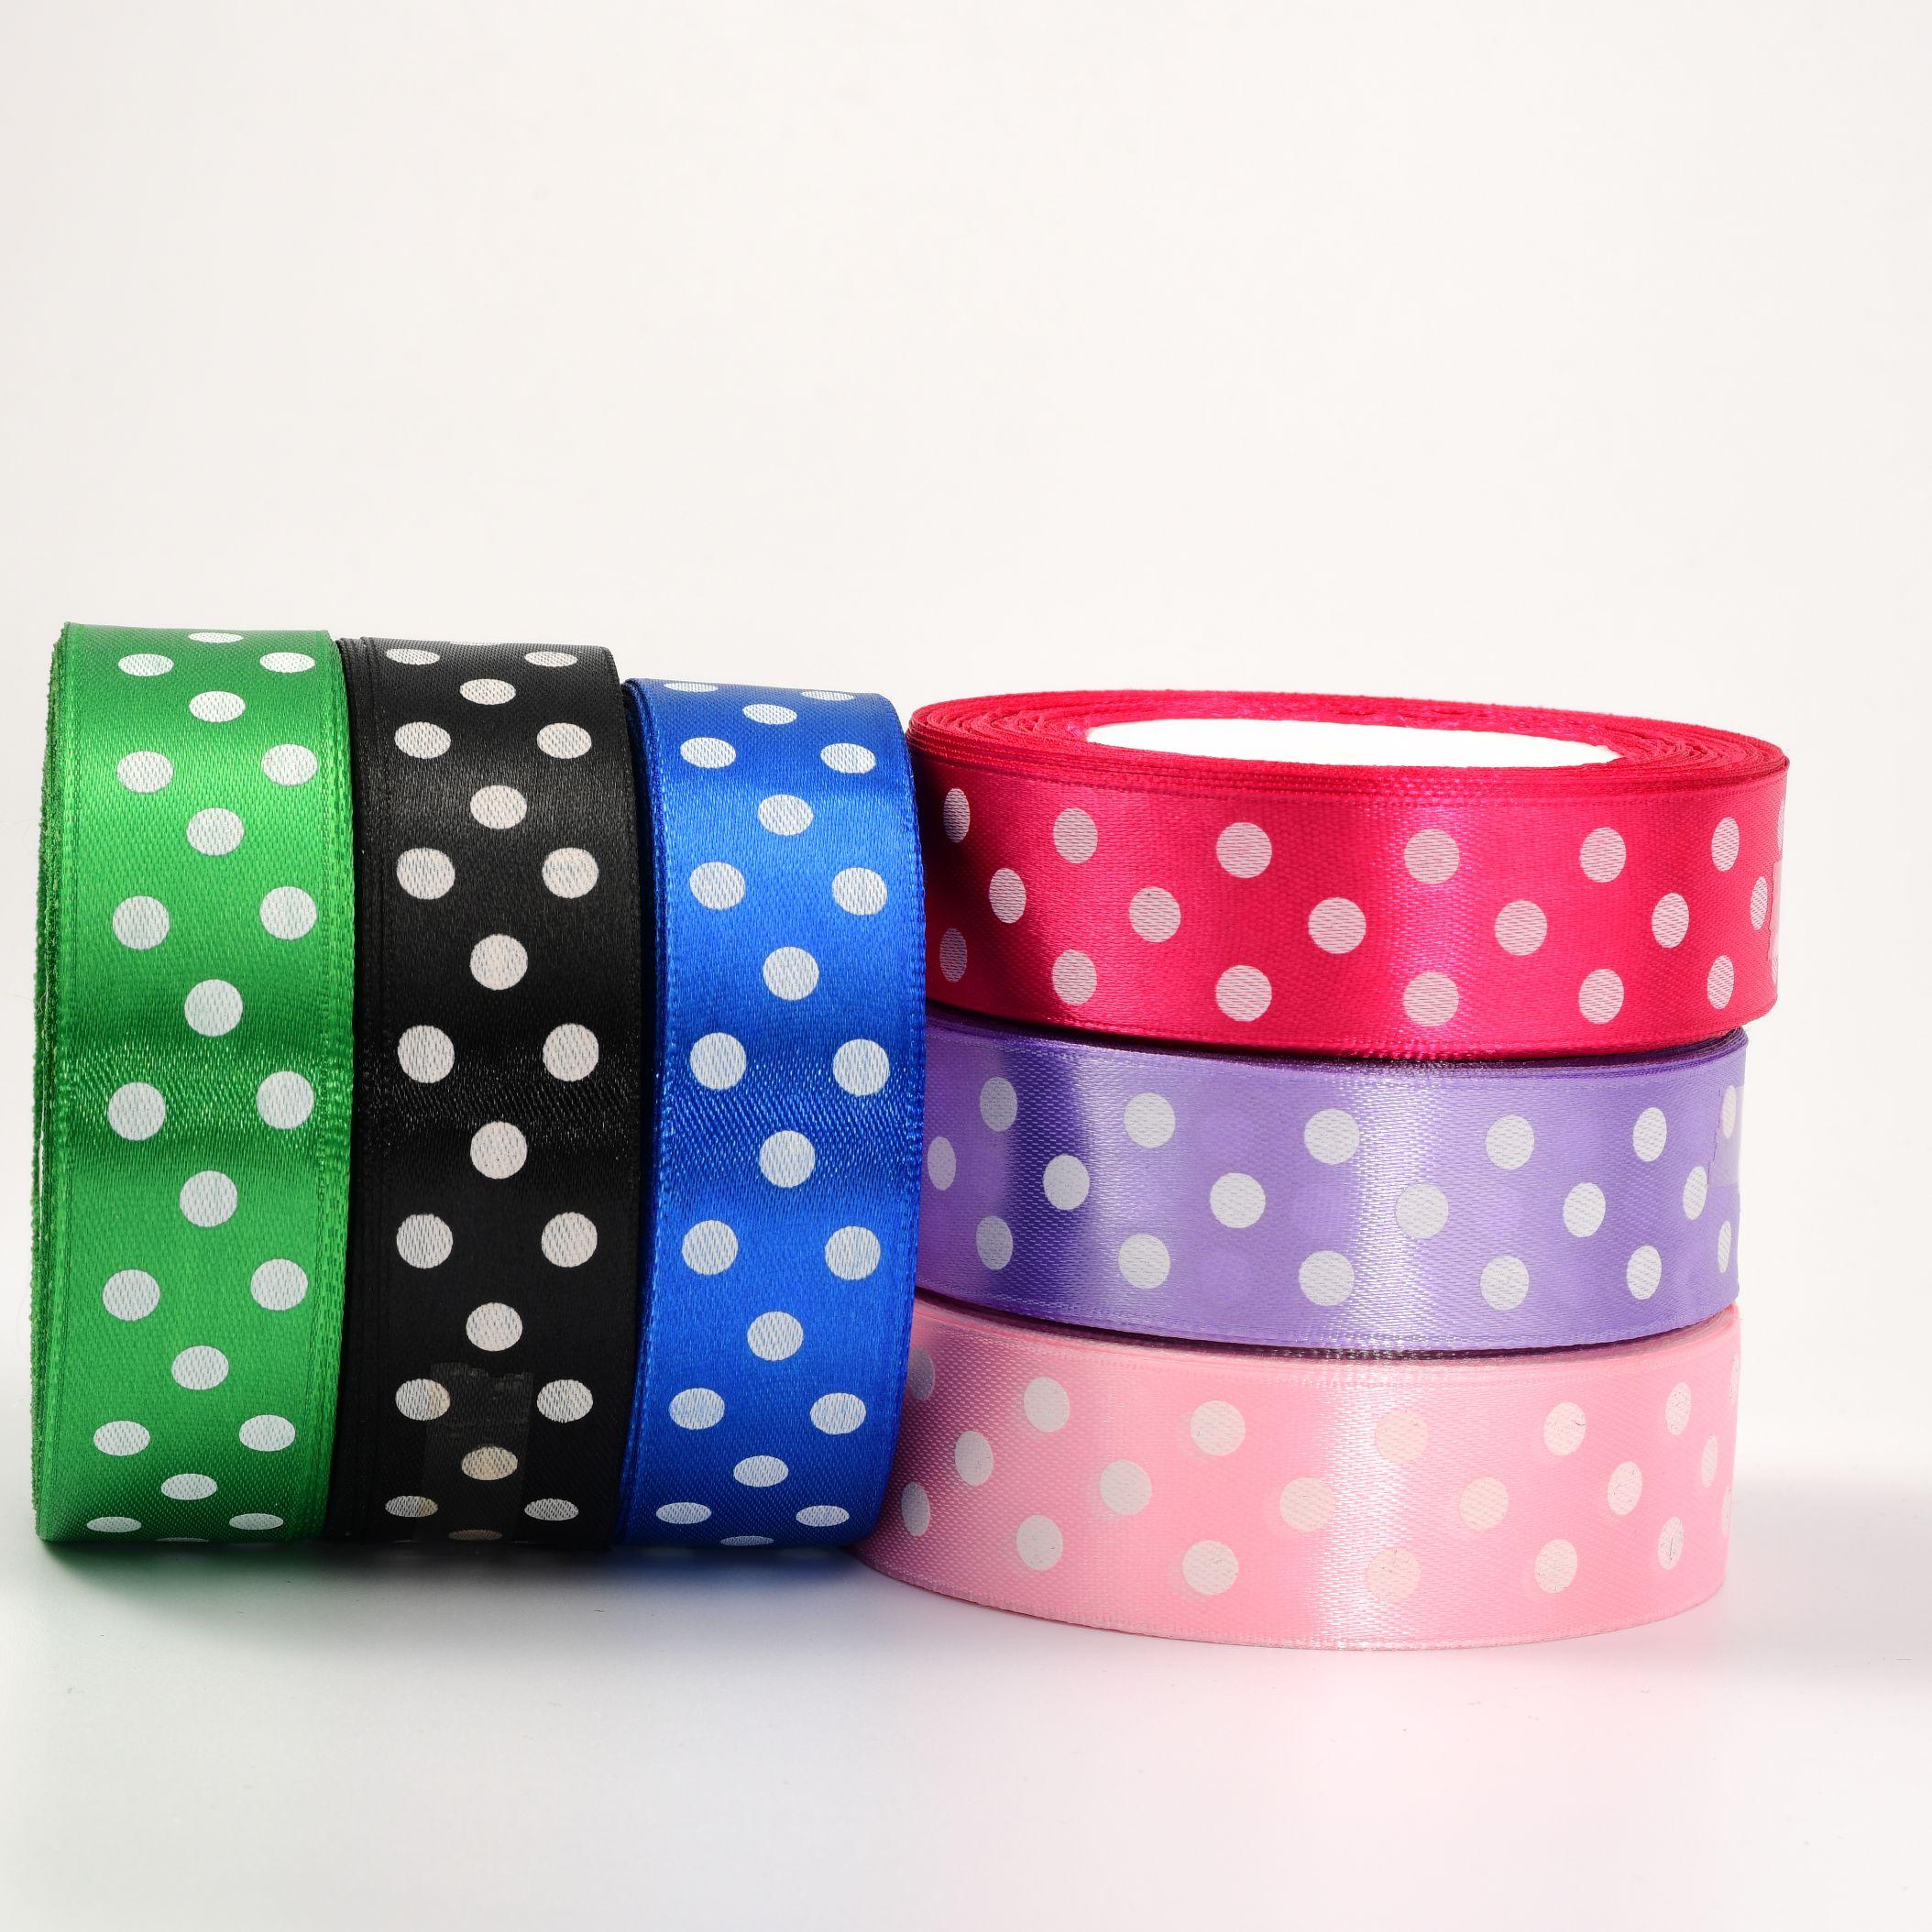 2.5cm彩色印点缎带 蝴蝶结配件礼品生日包装缎带 纺织辅料织带厂家直销